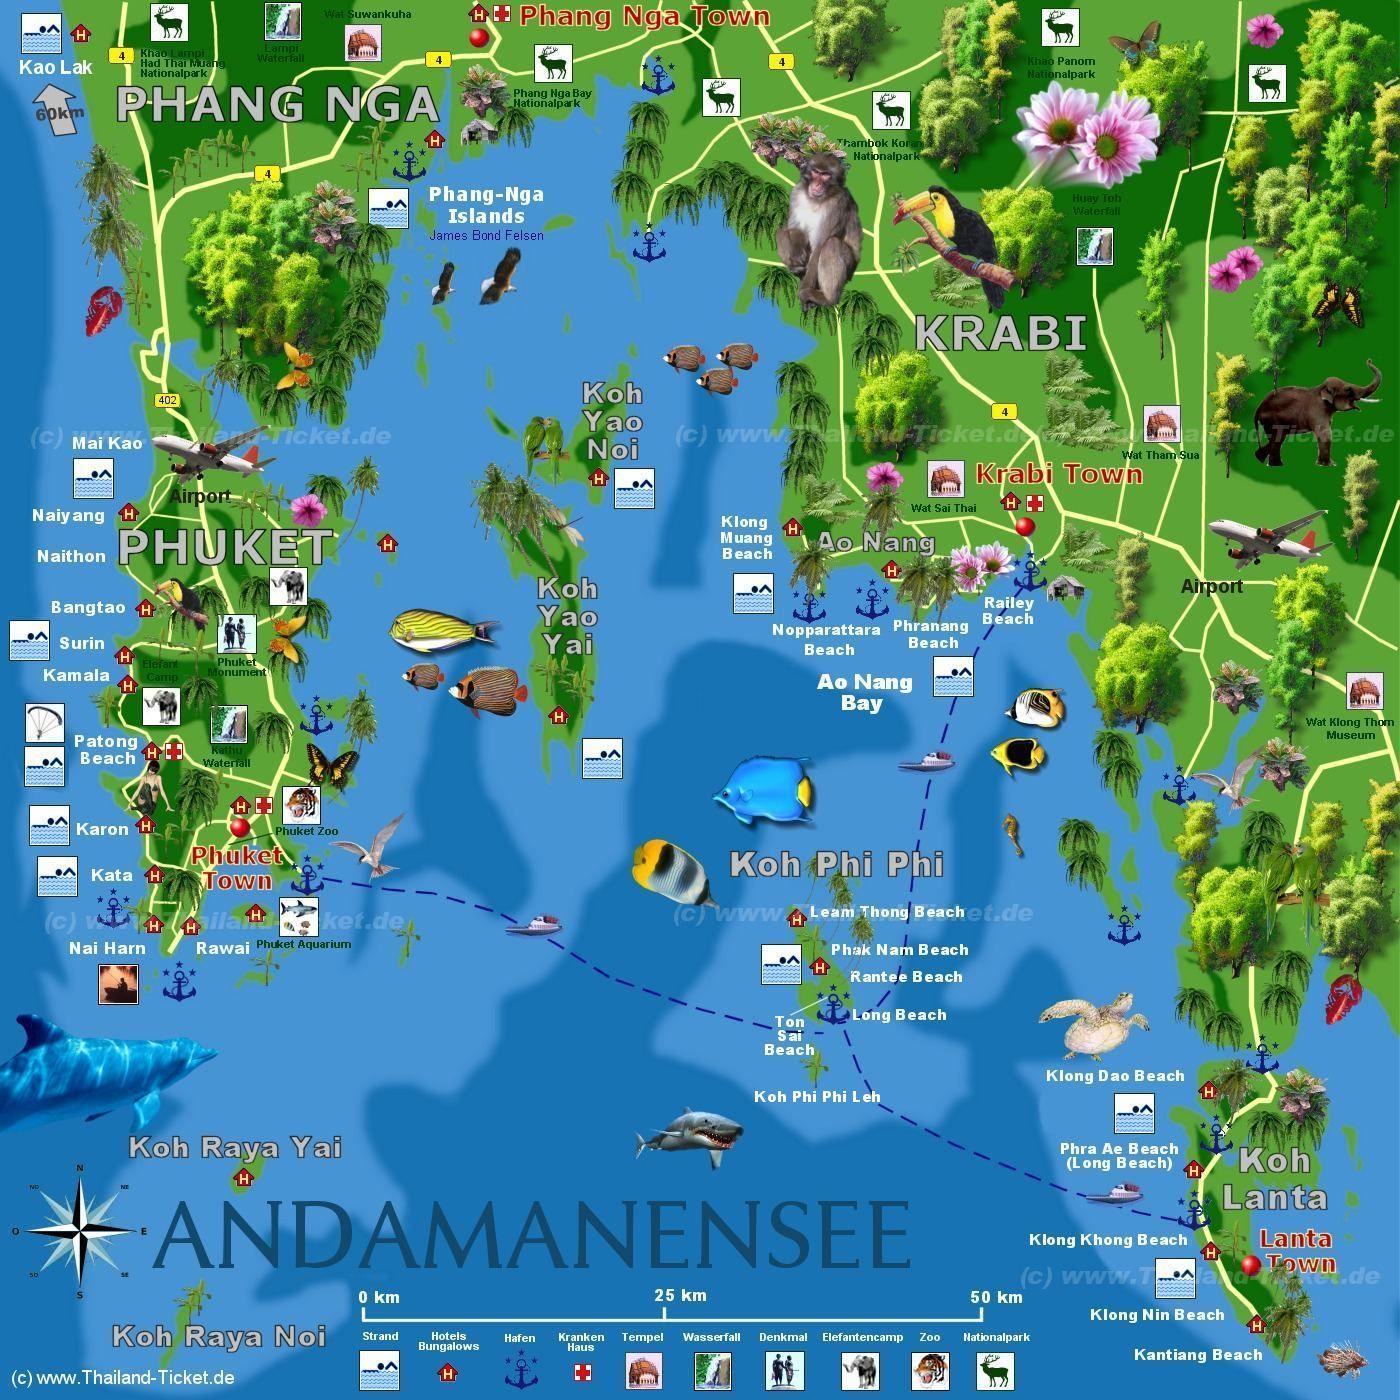 krabi tourist map krabi noi tourist map krabi town mappery krabi